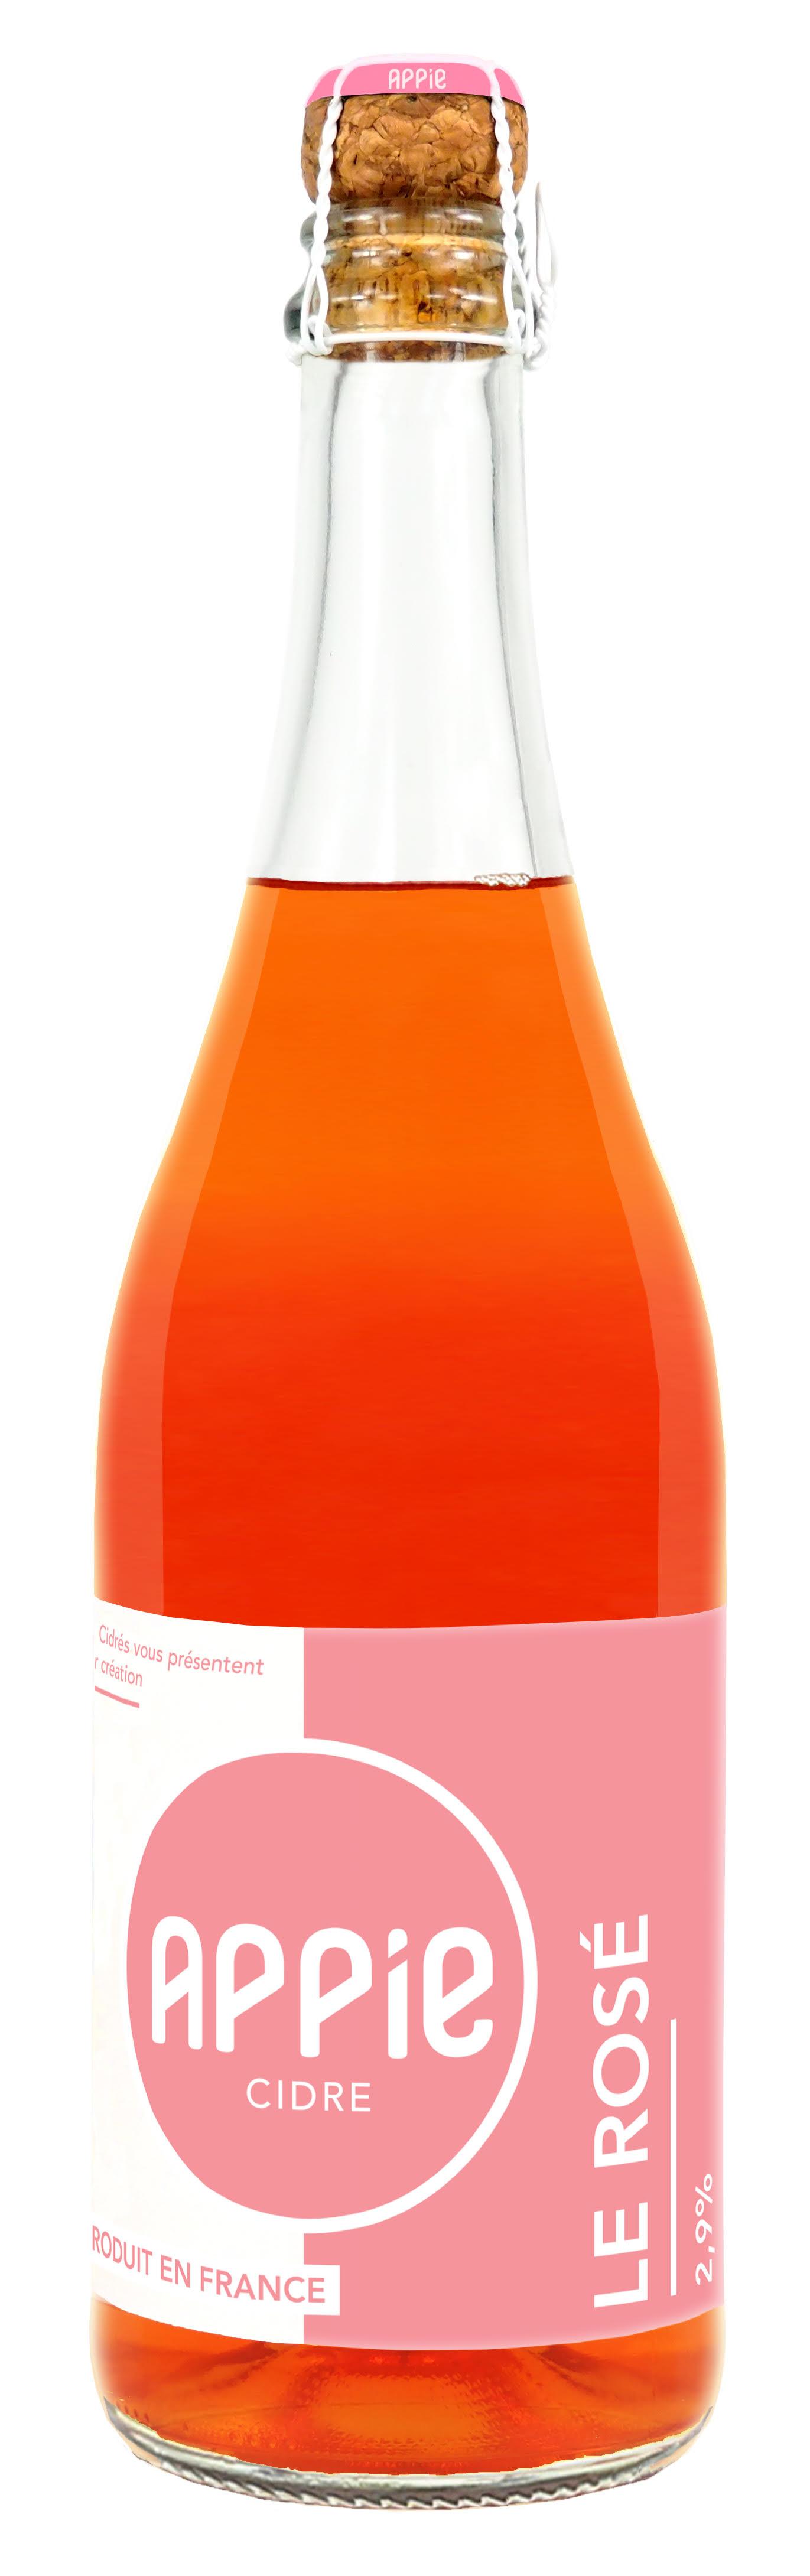 Le Rosé, Appie (75 cl)